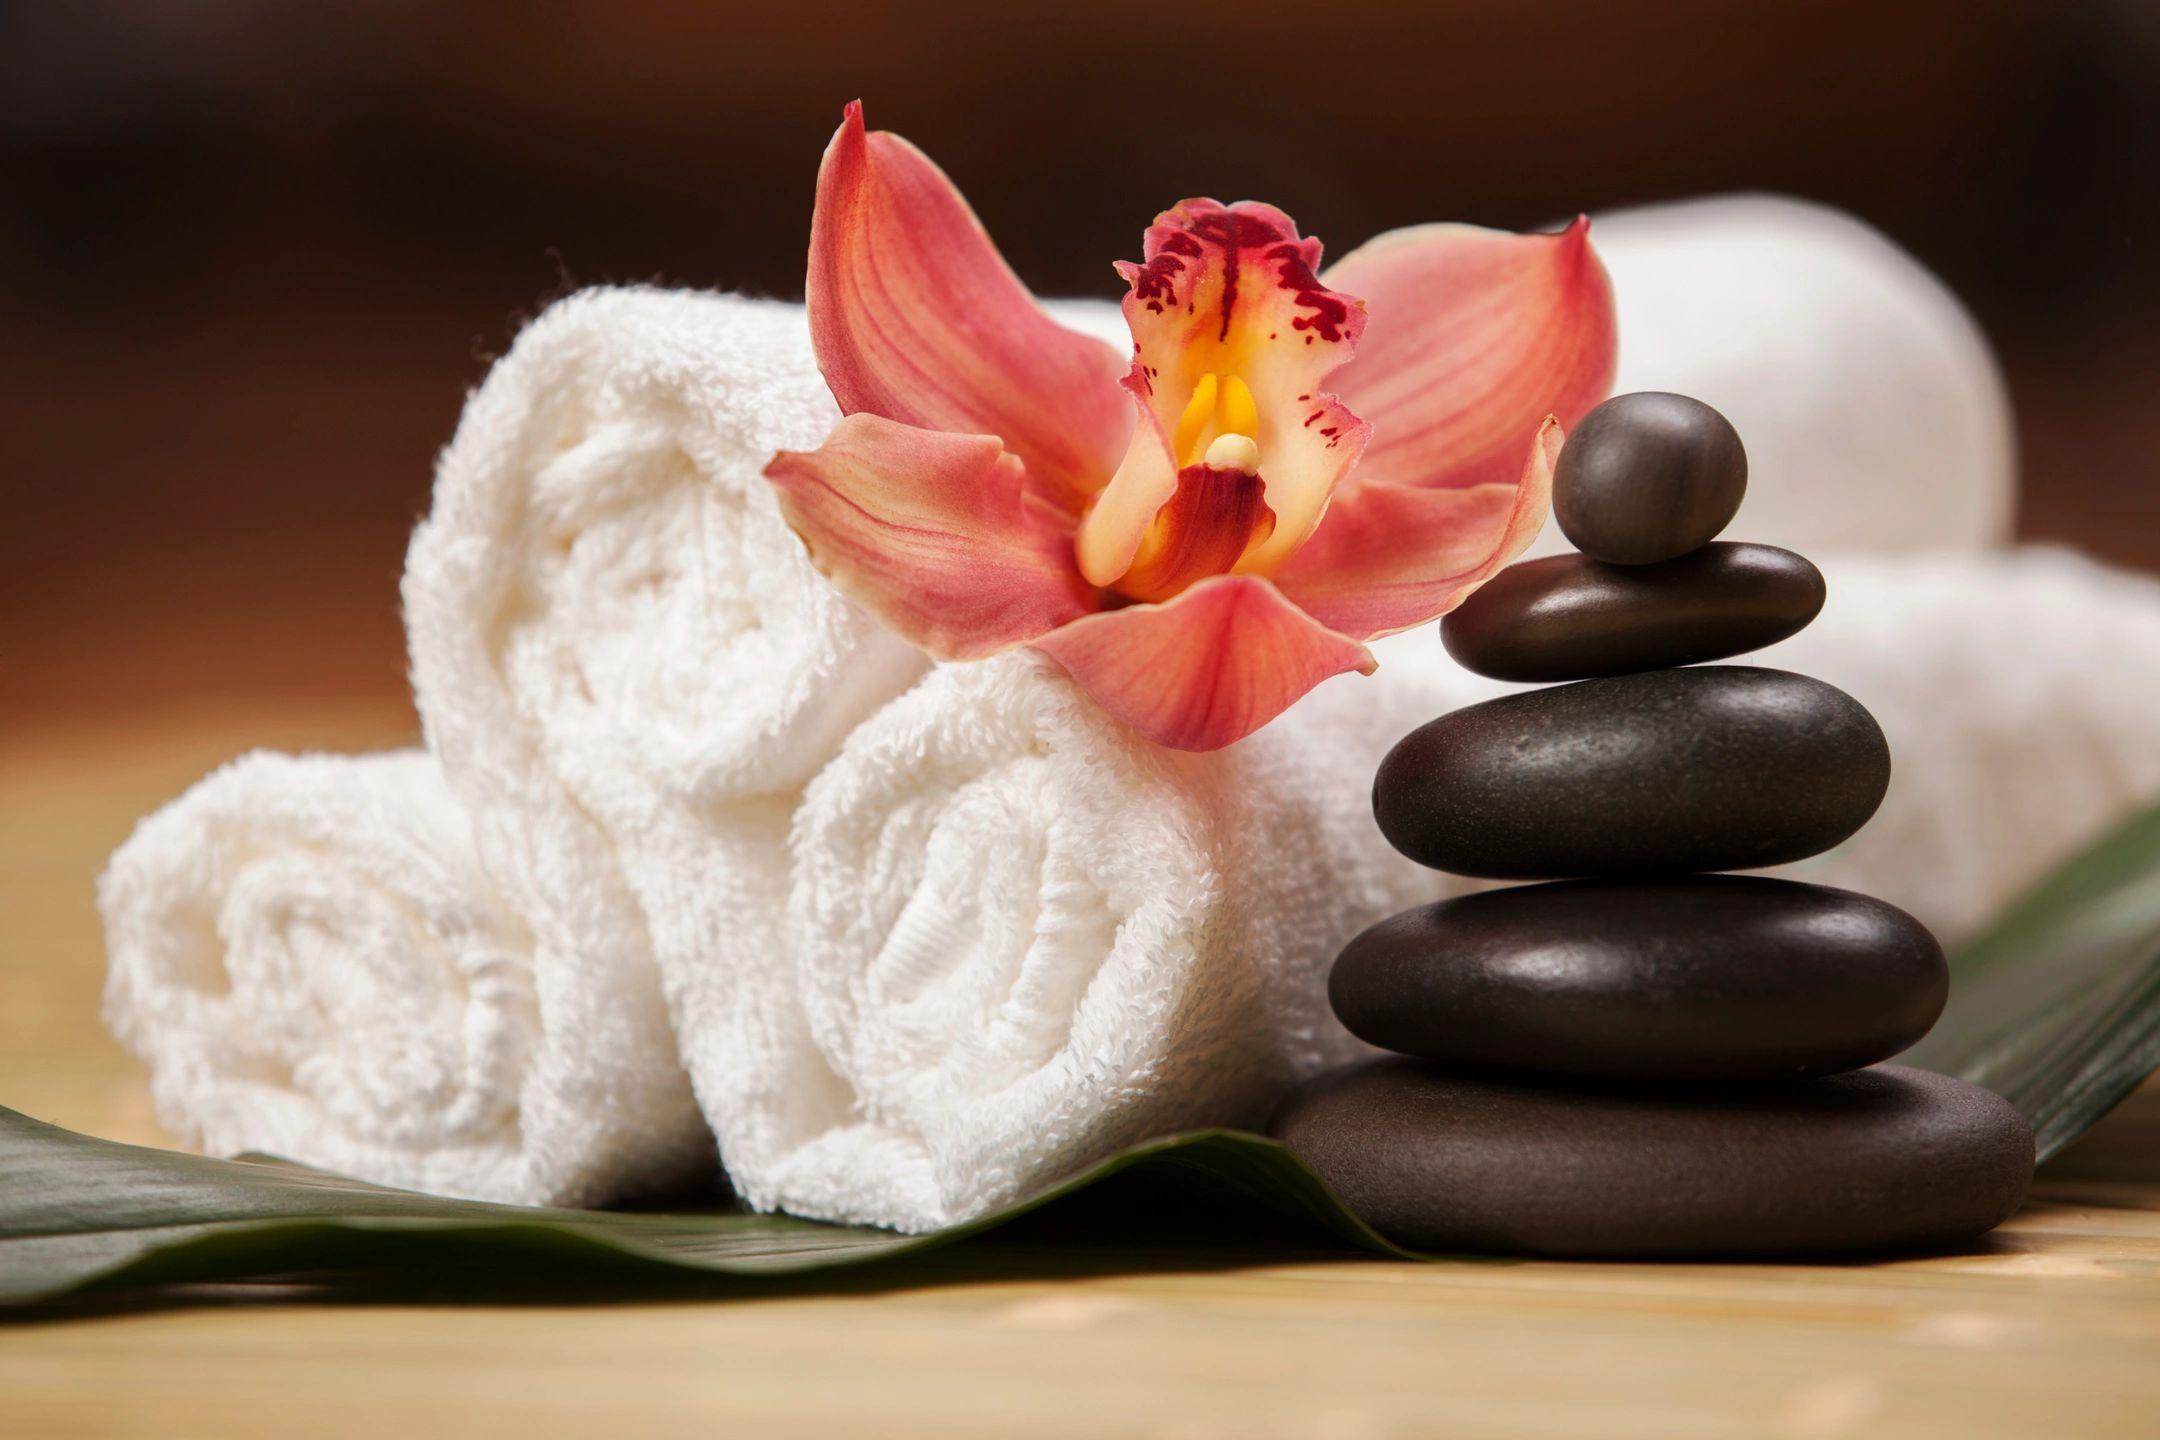 qtq80-pnlpTU Massage Treatments Tampa